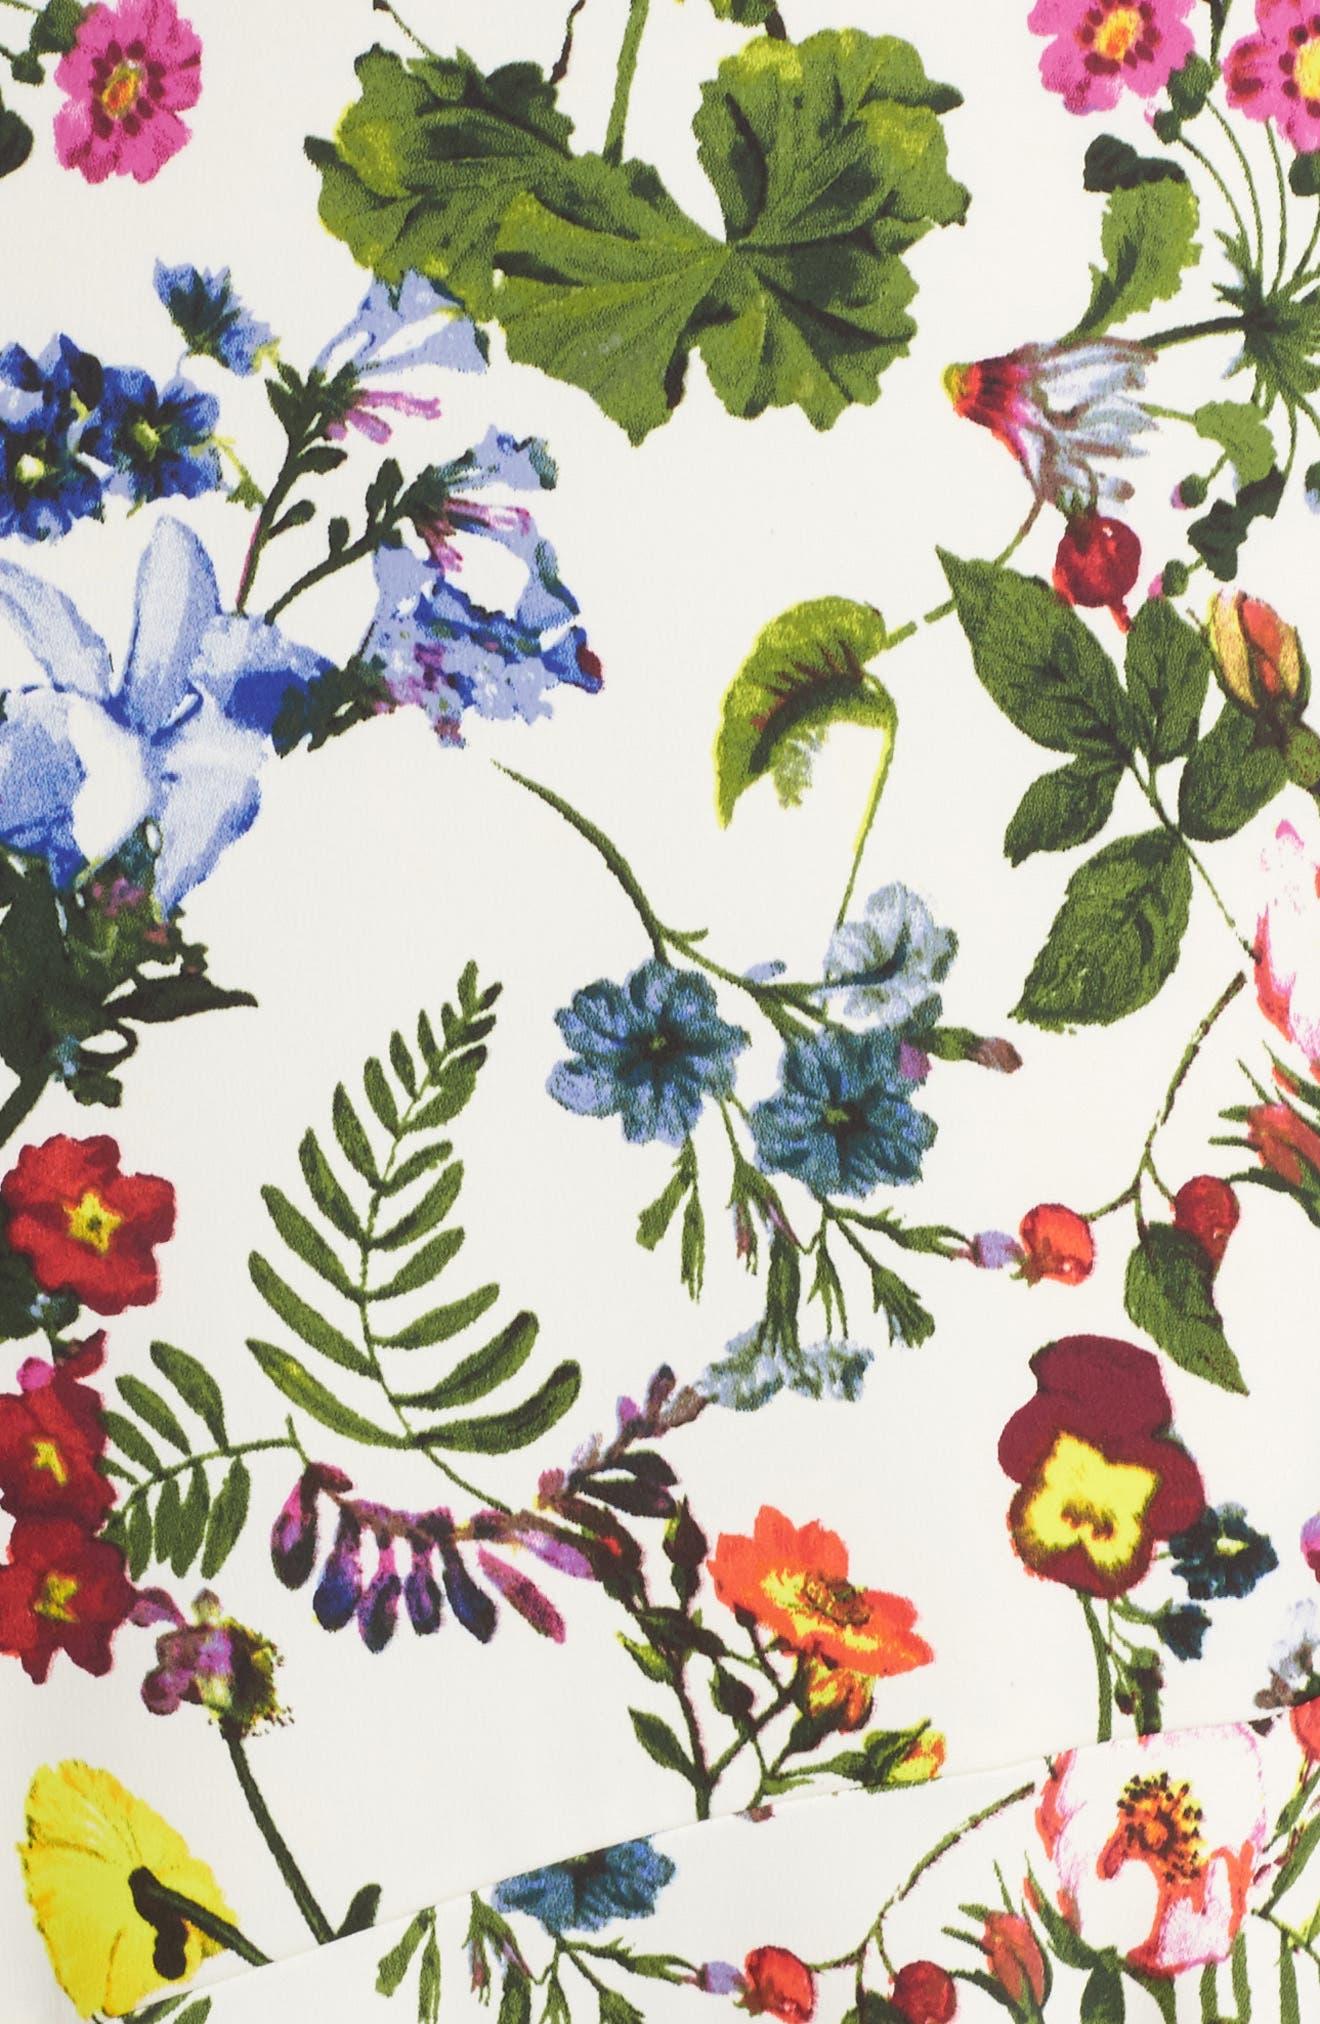 Botanical Print Charmeuse Midi Dress,                             Alternate thumbnail 4, color,                             Soft White/ Multi